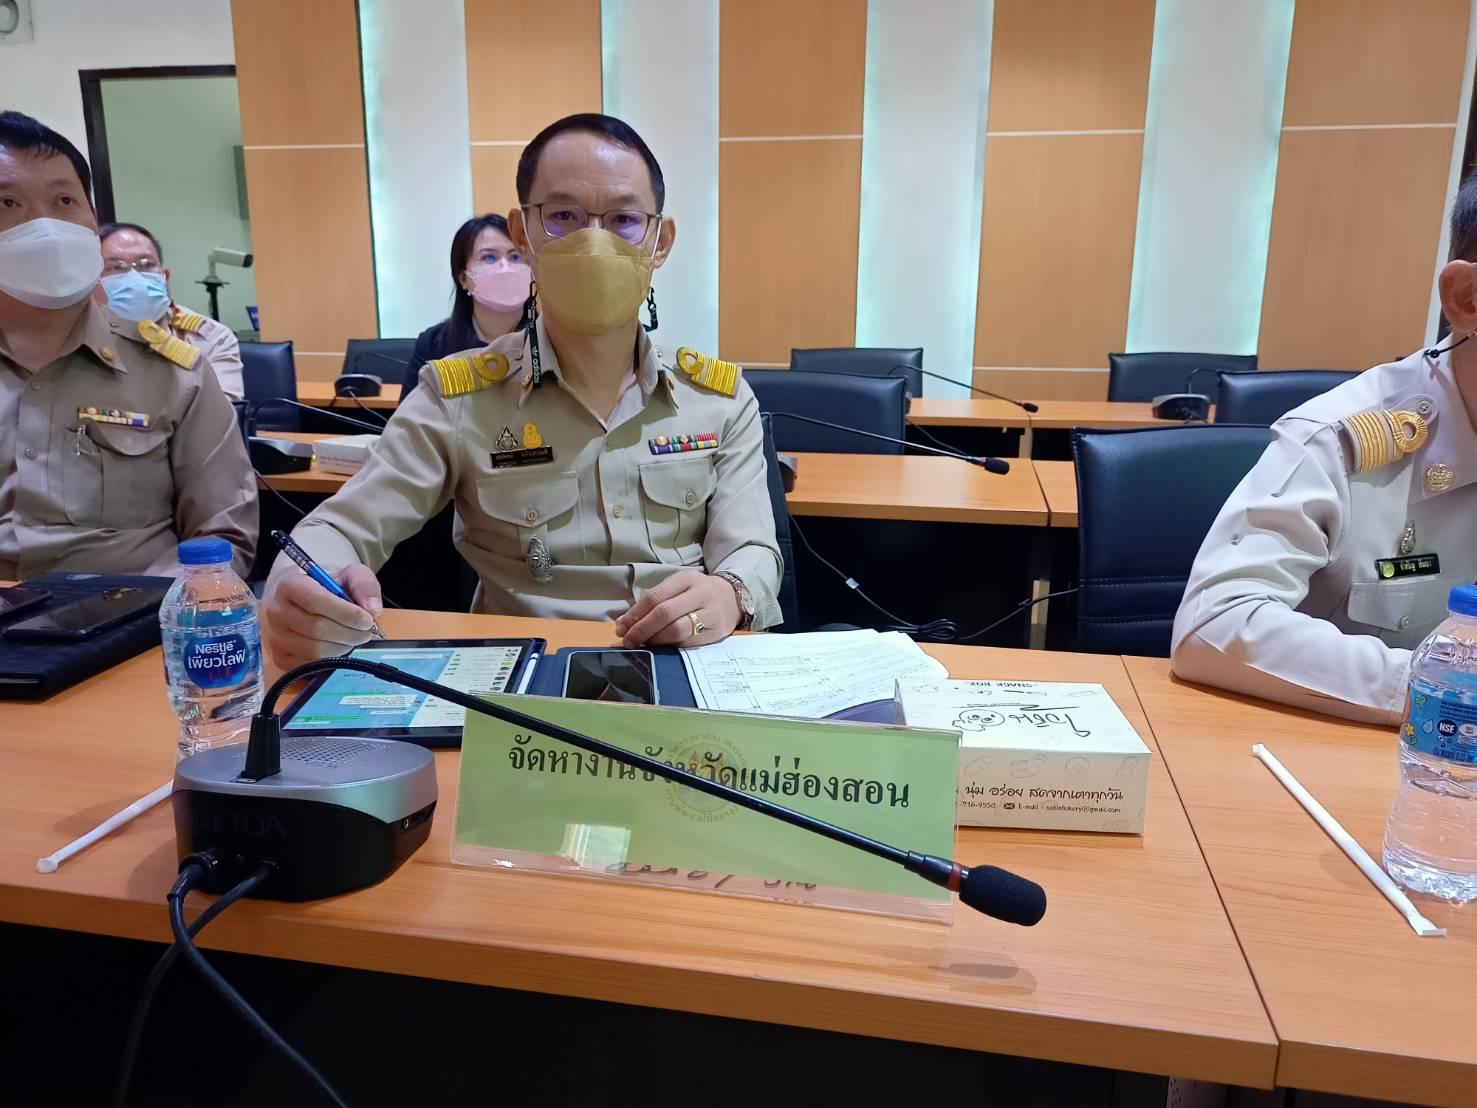 จัดหางานจังหวัดแม่ฮ่องสอน เข้าร่วมประชุมชี้แจงผู้ว่าราชการจังหวัดและคณะกรรมการขับเคลื่อนโครงการ